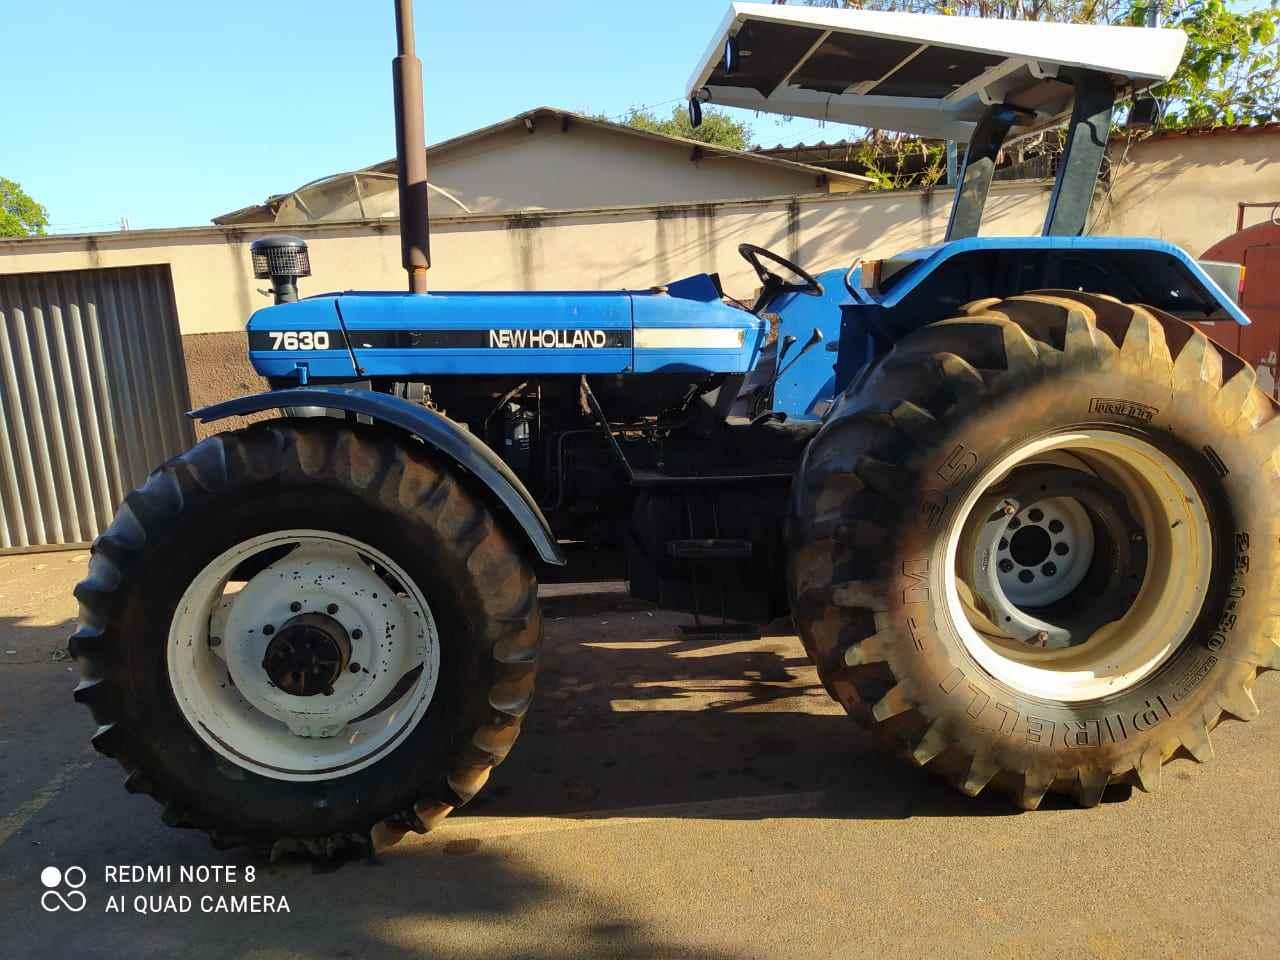 TRATOR NEW HOLLAND NEW 7630 Tração 4x4 Gerominho Implementos Agrícolas UBERLANDIA MINAS GERAIS MG